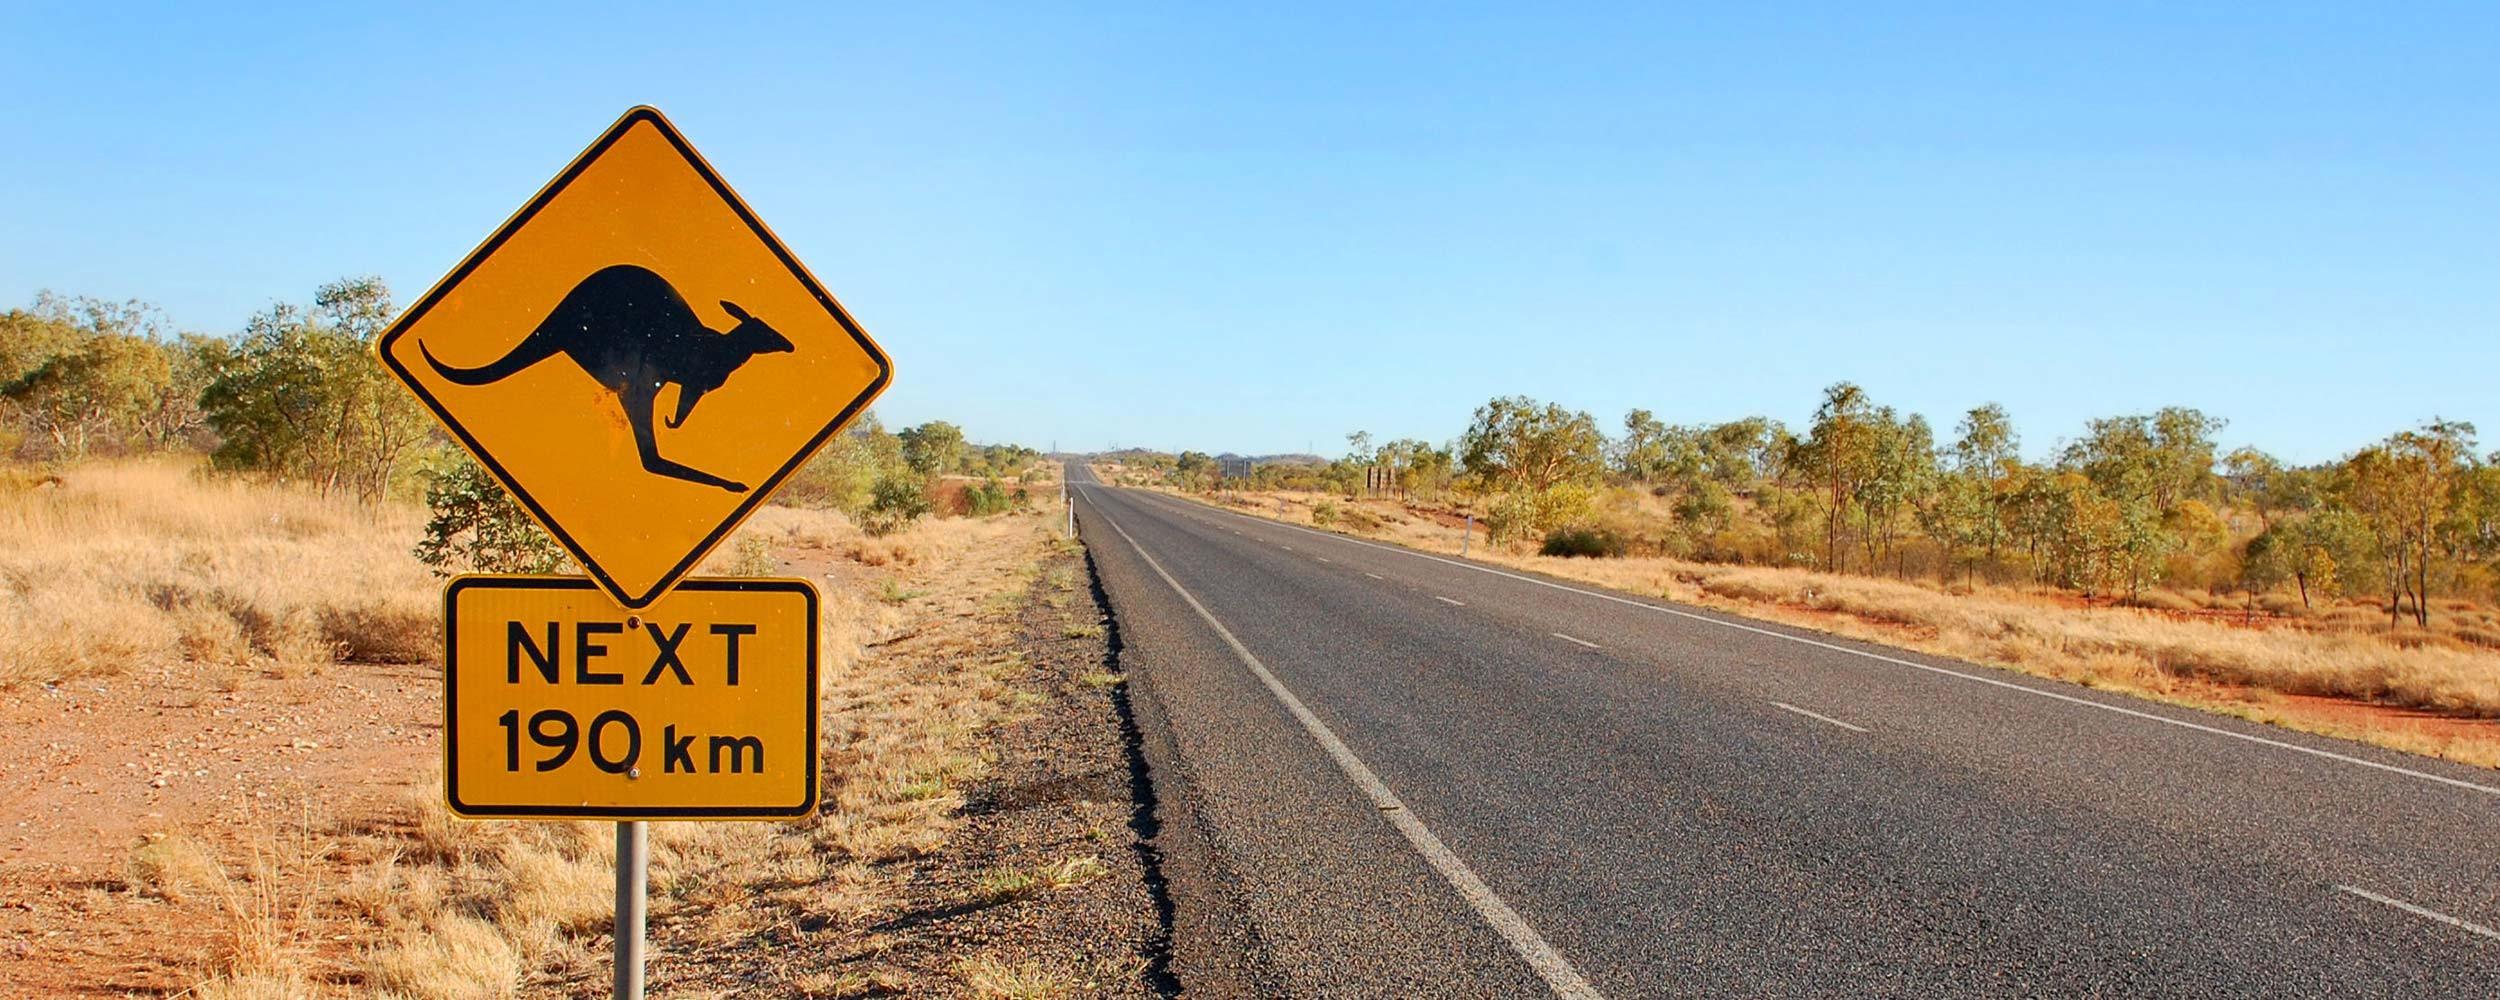 Australie attention kangaroo